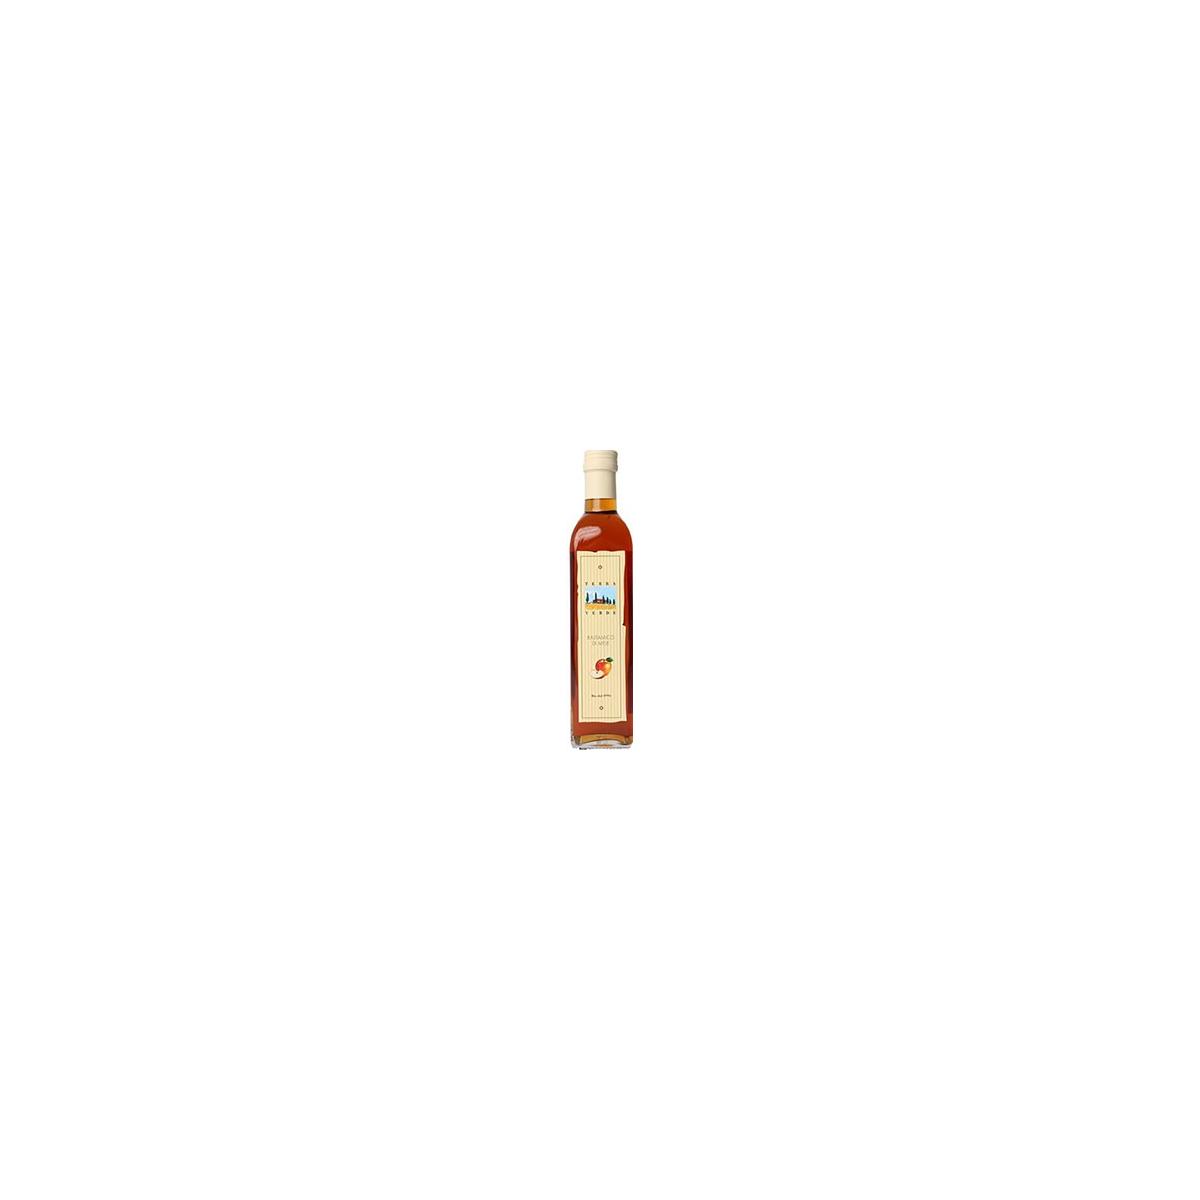 Balsamico di Mele Condimento